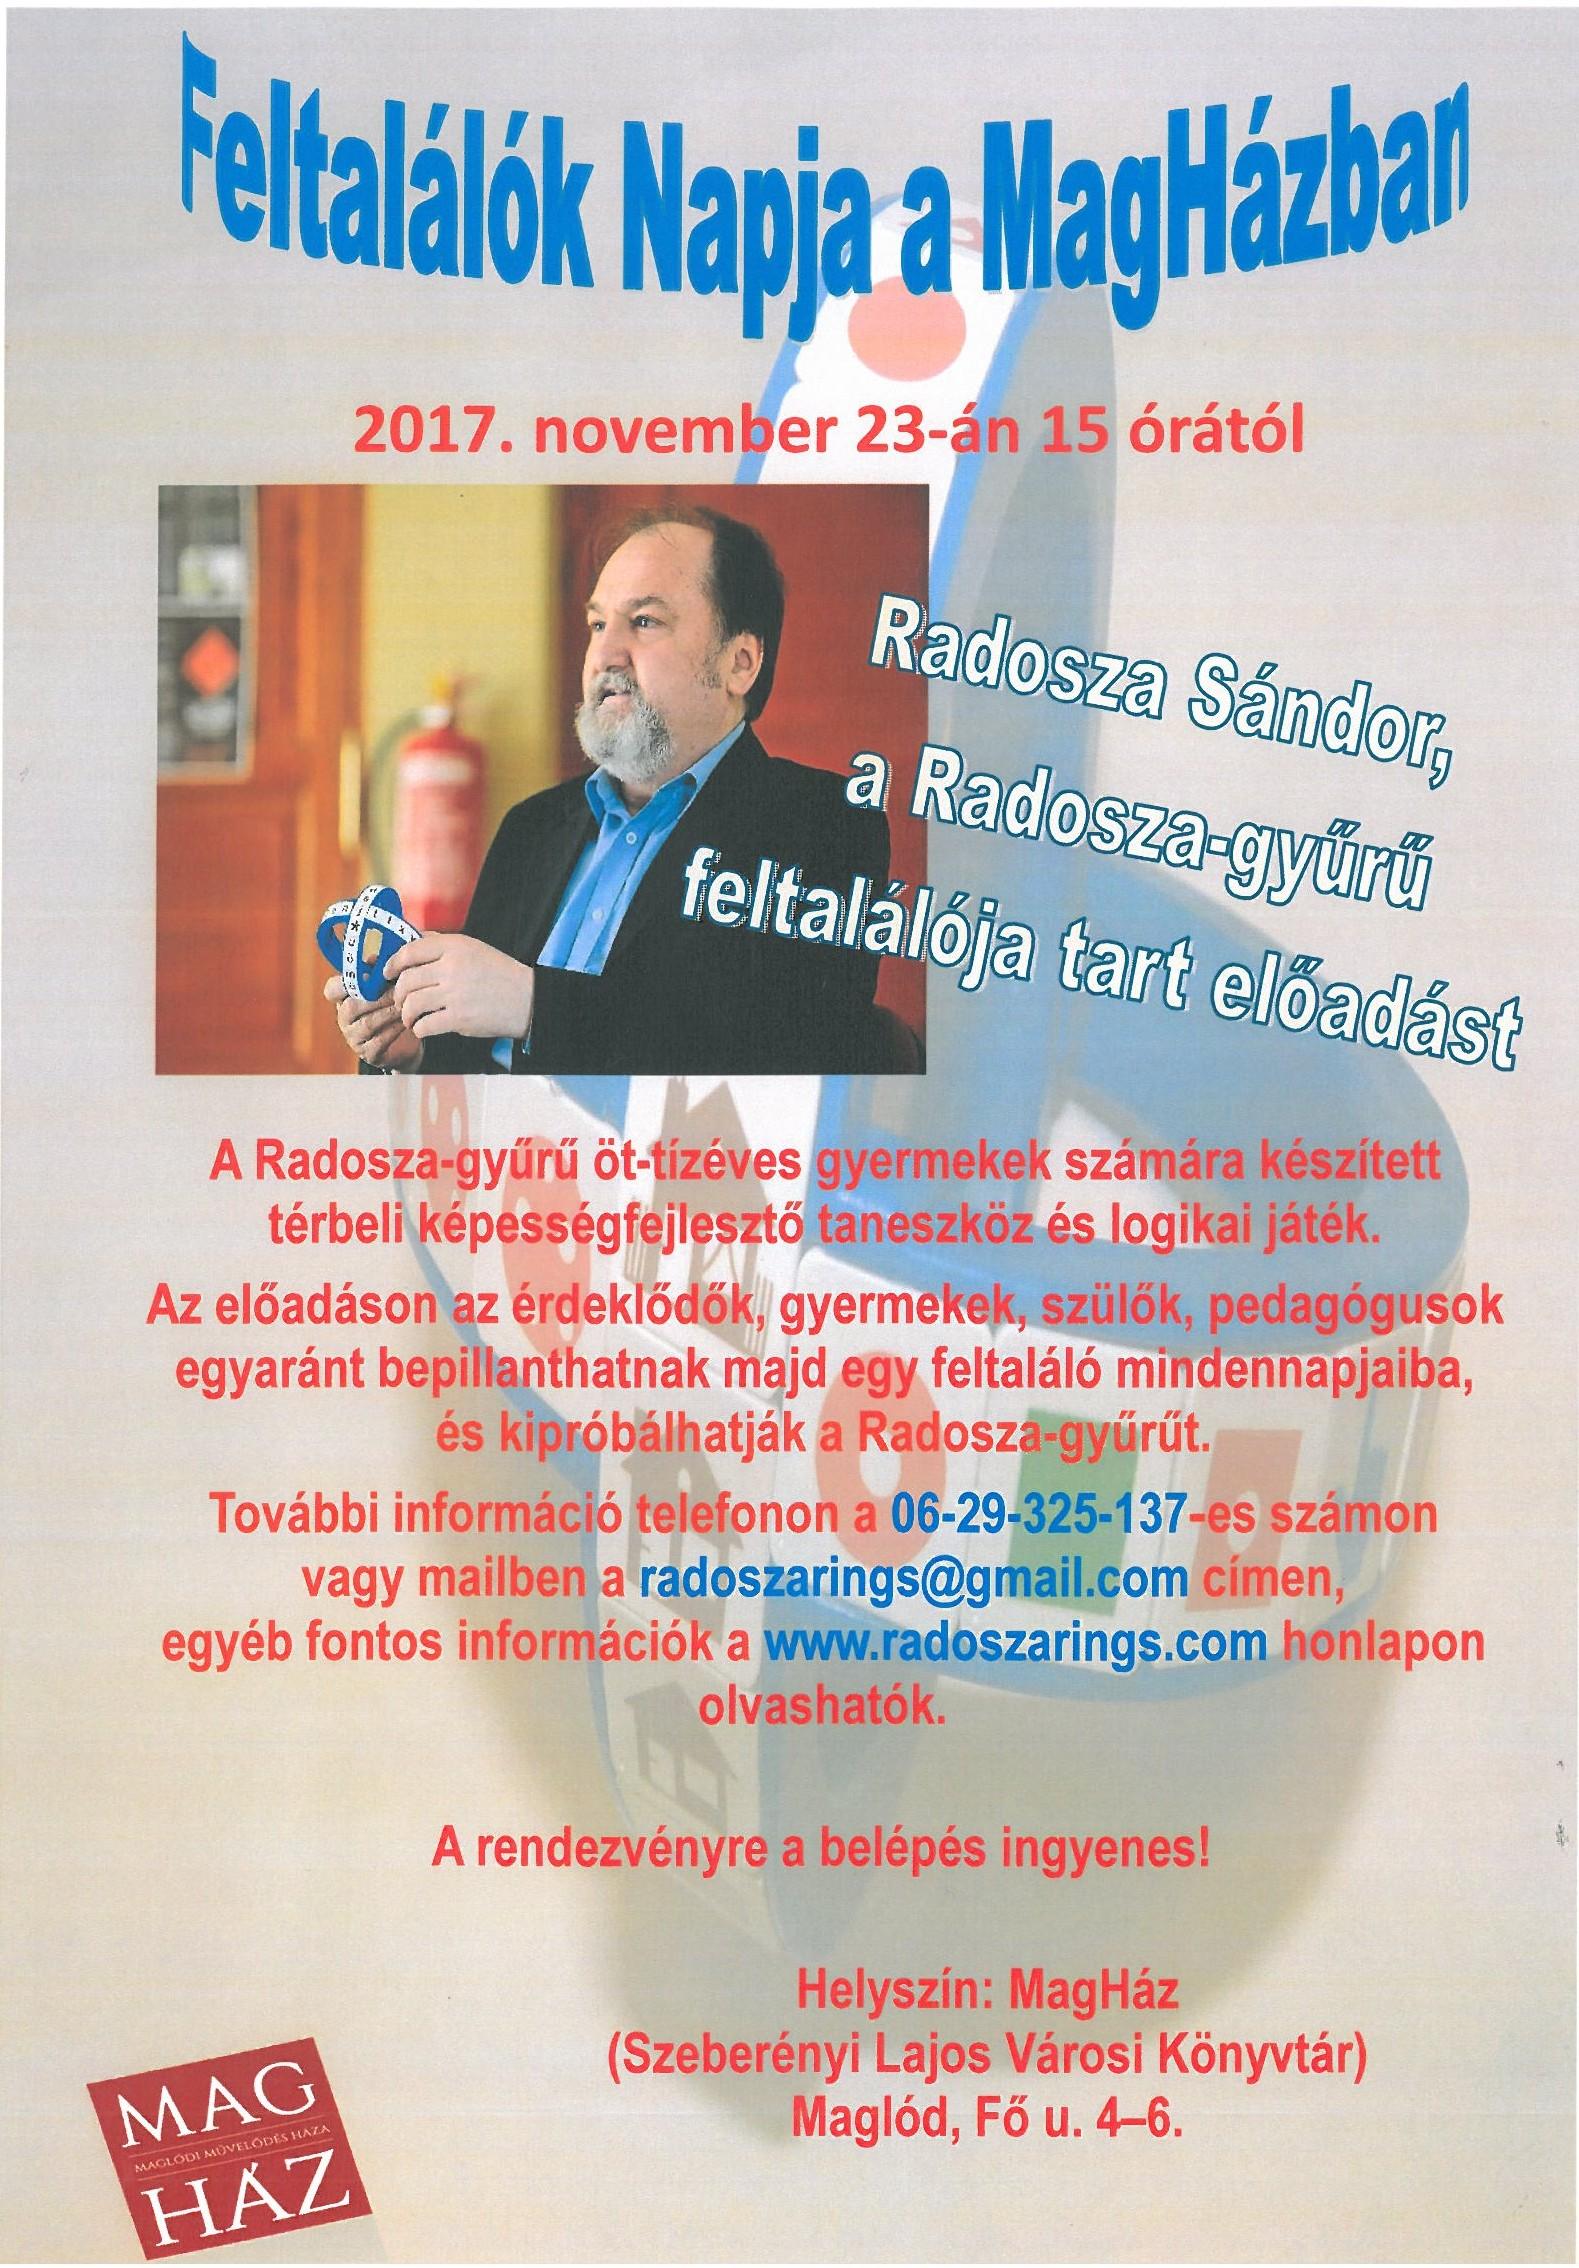 2017.11.23. Feltalálók Napja - vendégünk Radosza Sándor